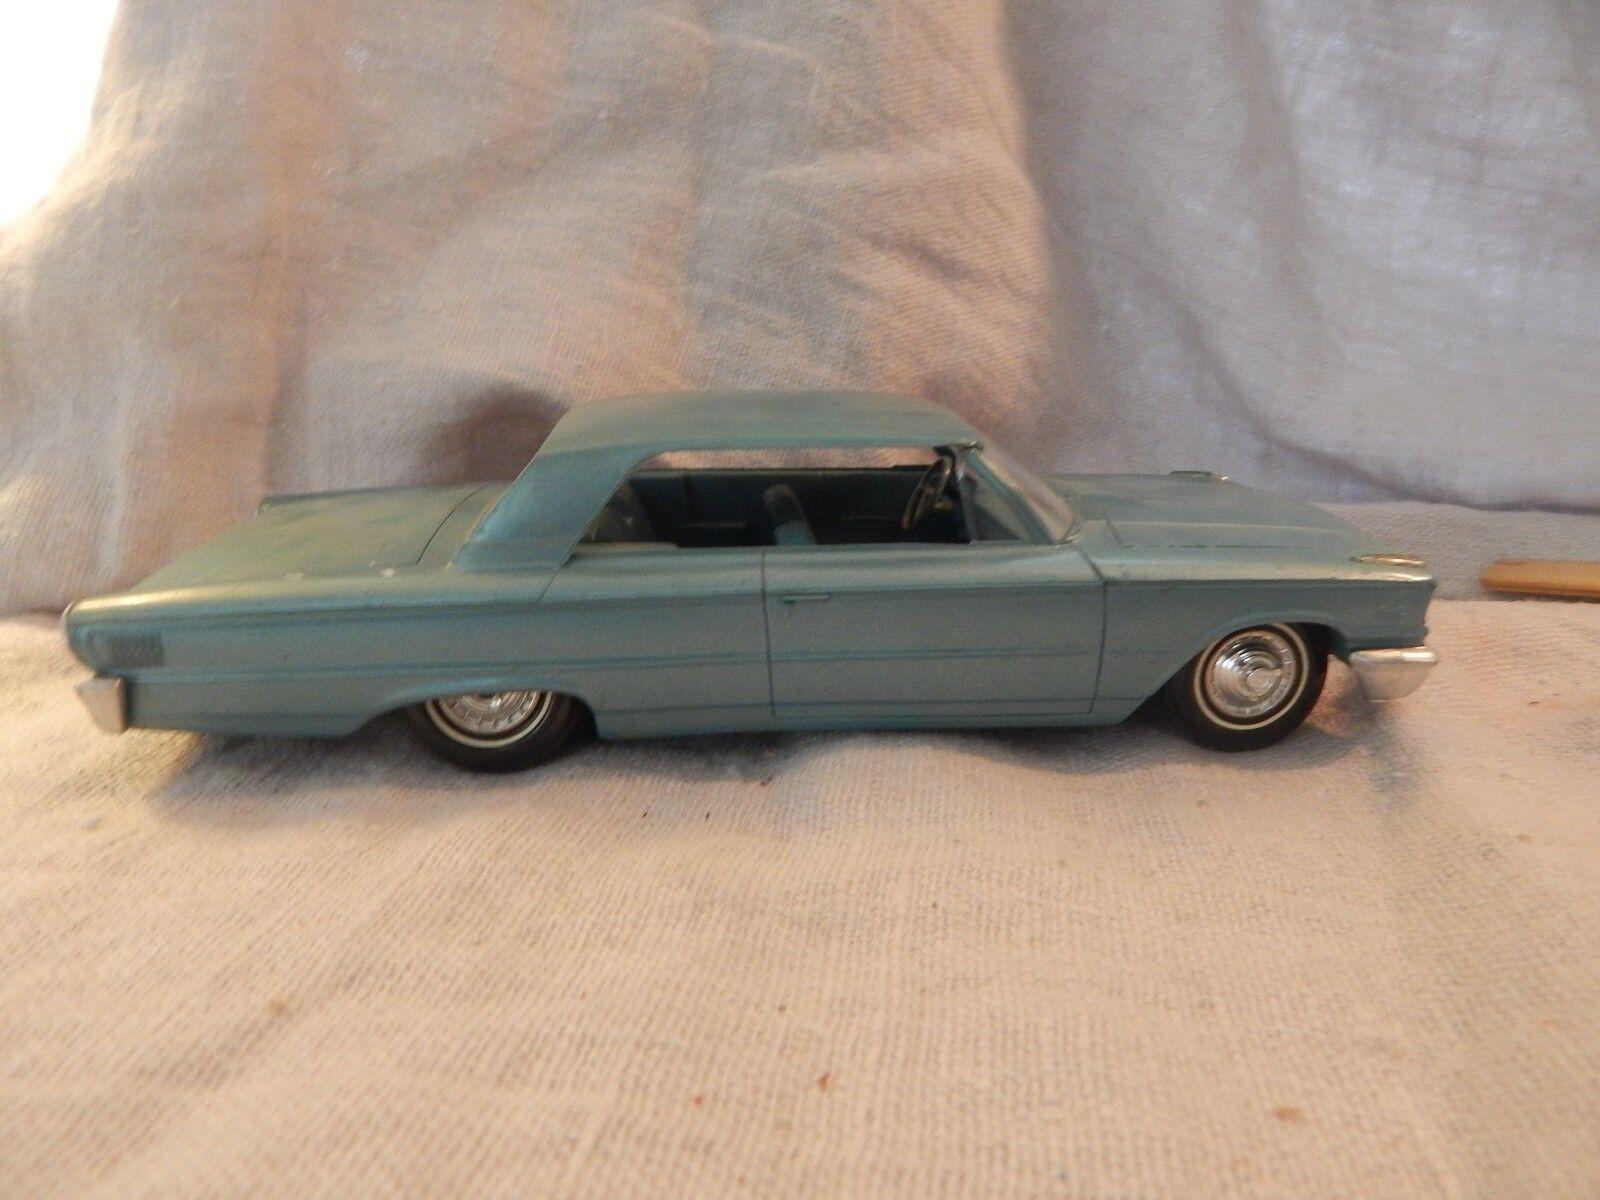 Vintage 1963 Ford Galaxie Dealer Promo Model 8 1 4